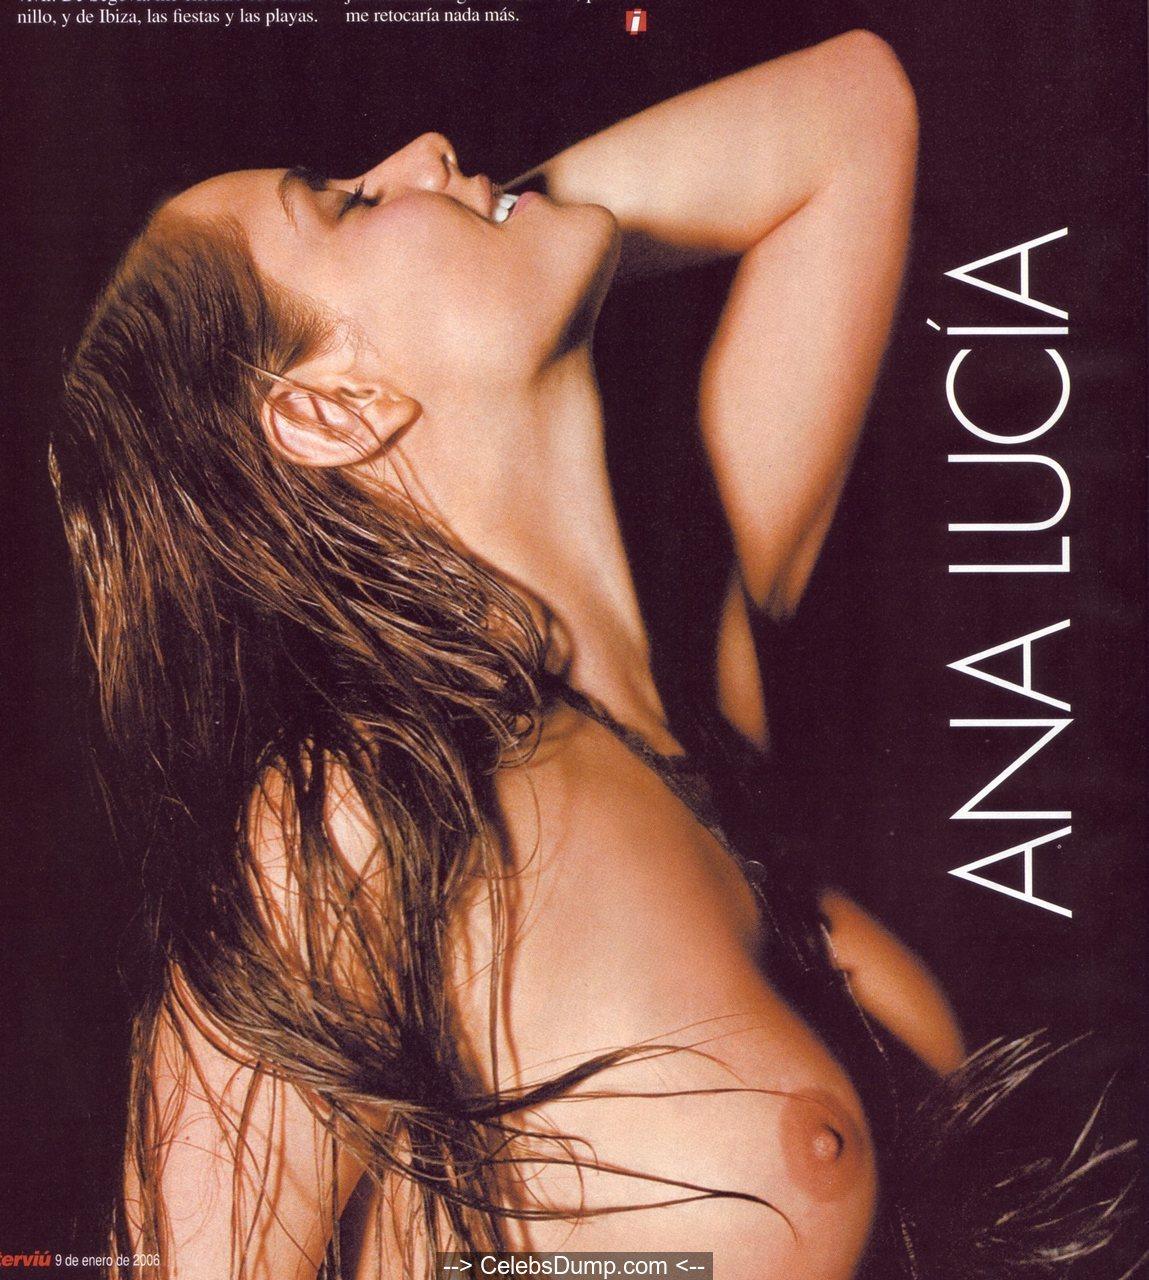 Ana Lucia Desnuda ana lucia dominguez nude boobs and ass for interviu magazine